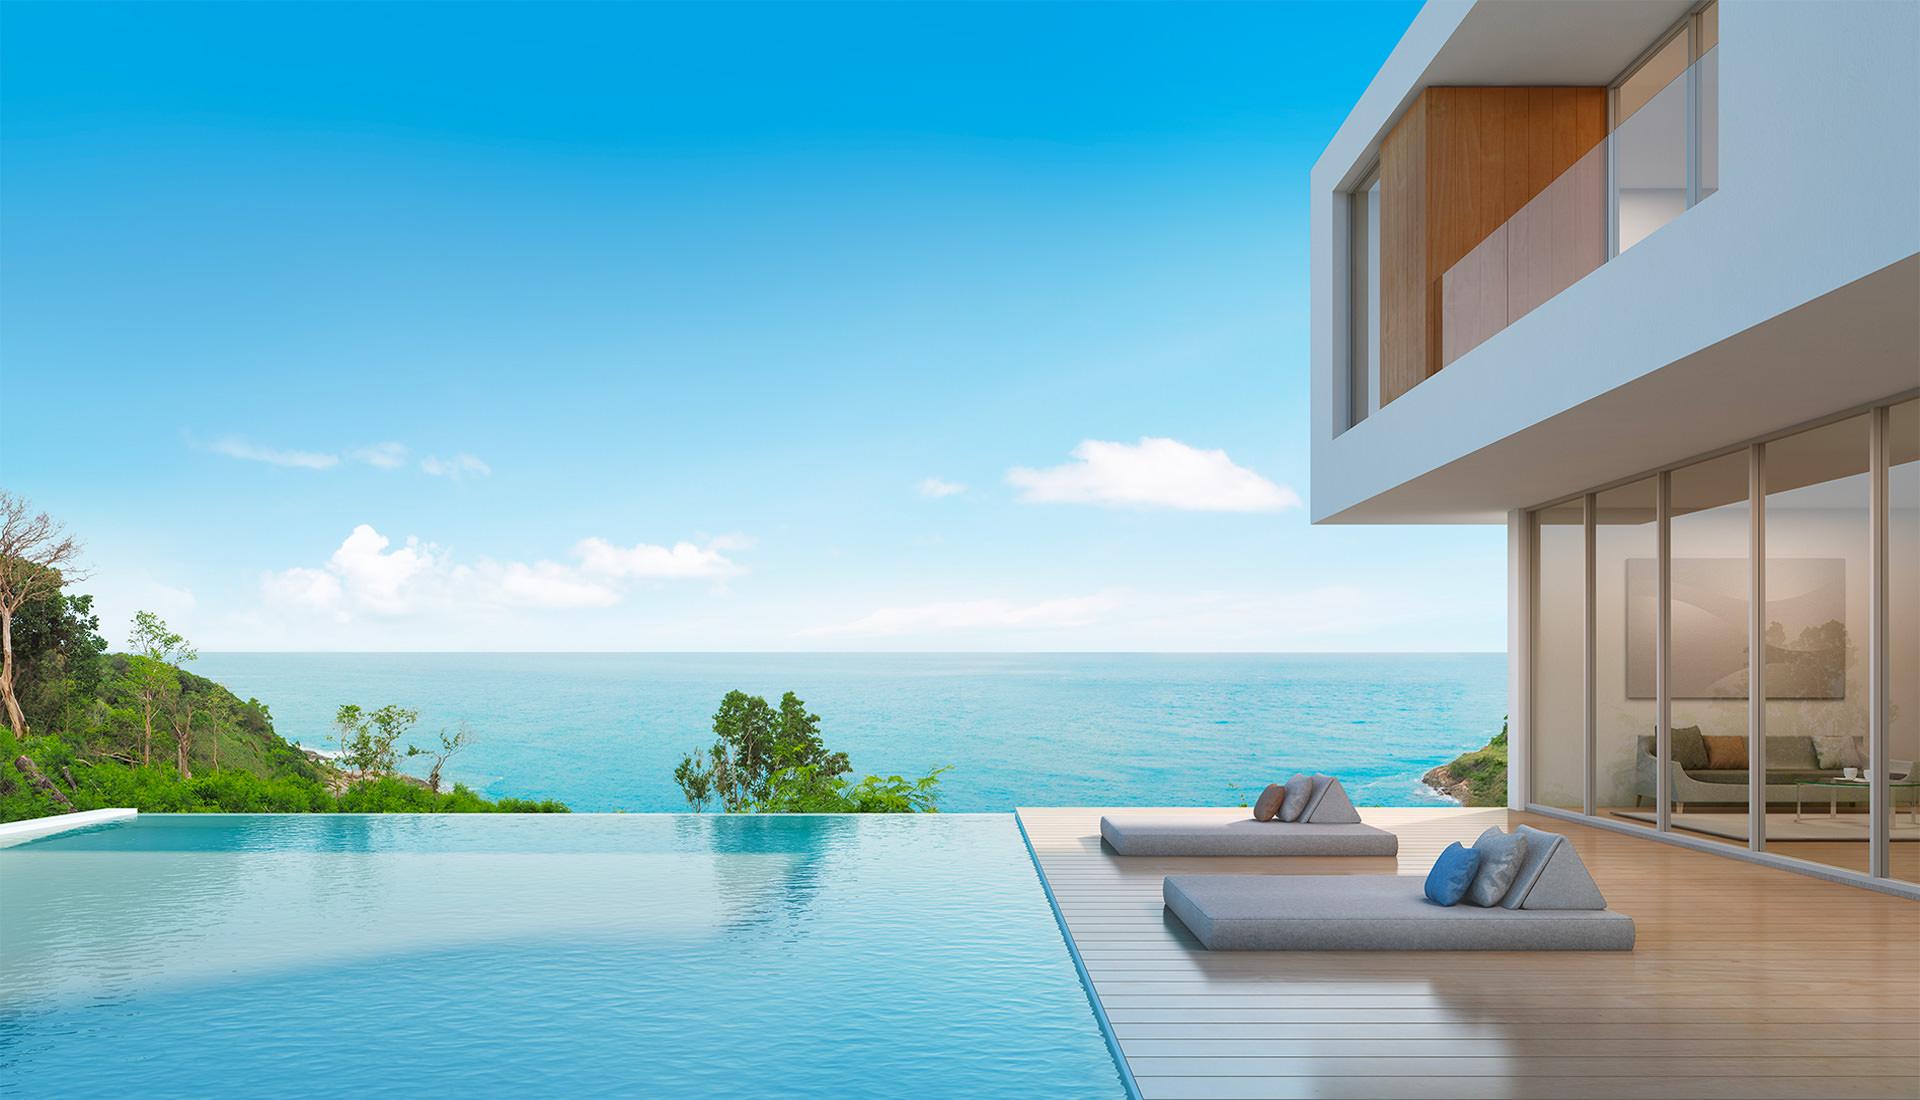 Photo 1 AZUR VILLA, agence spécialisée dans la vente et la location de villas de luxe dans le Golfe de Saint-Tropez